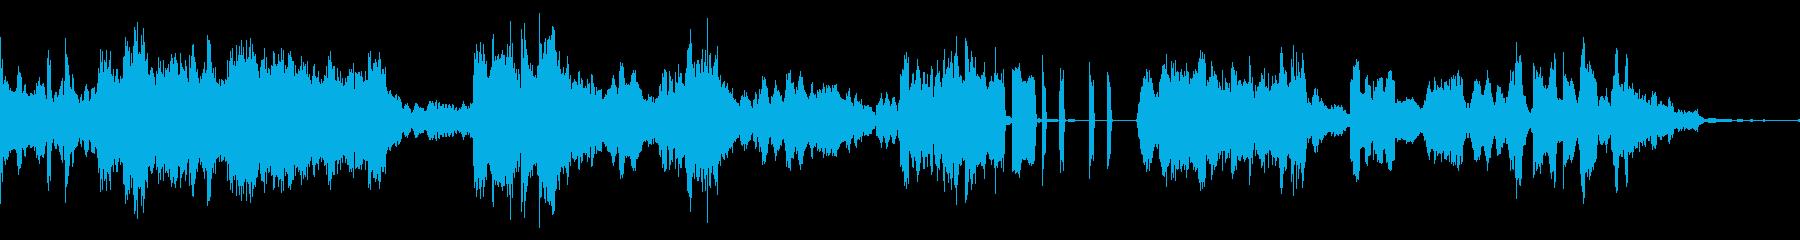 歪んだ迷路に突入な音楽の再生済みの波形